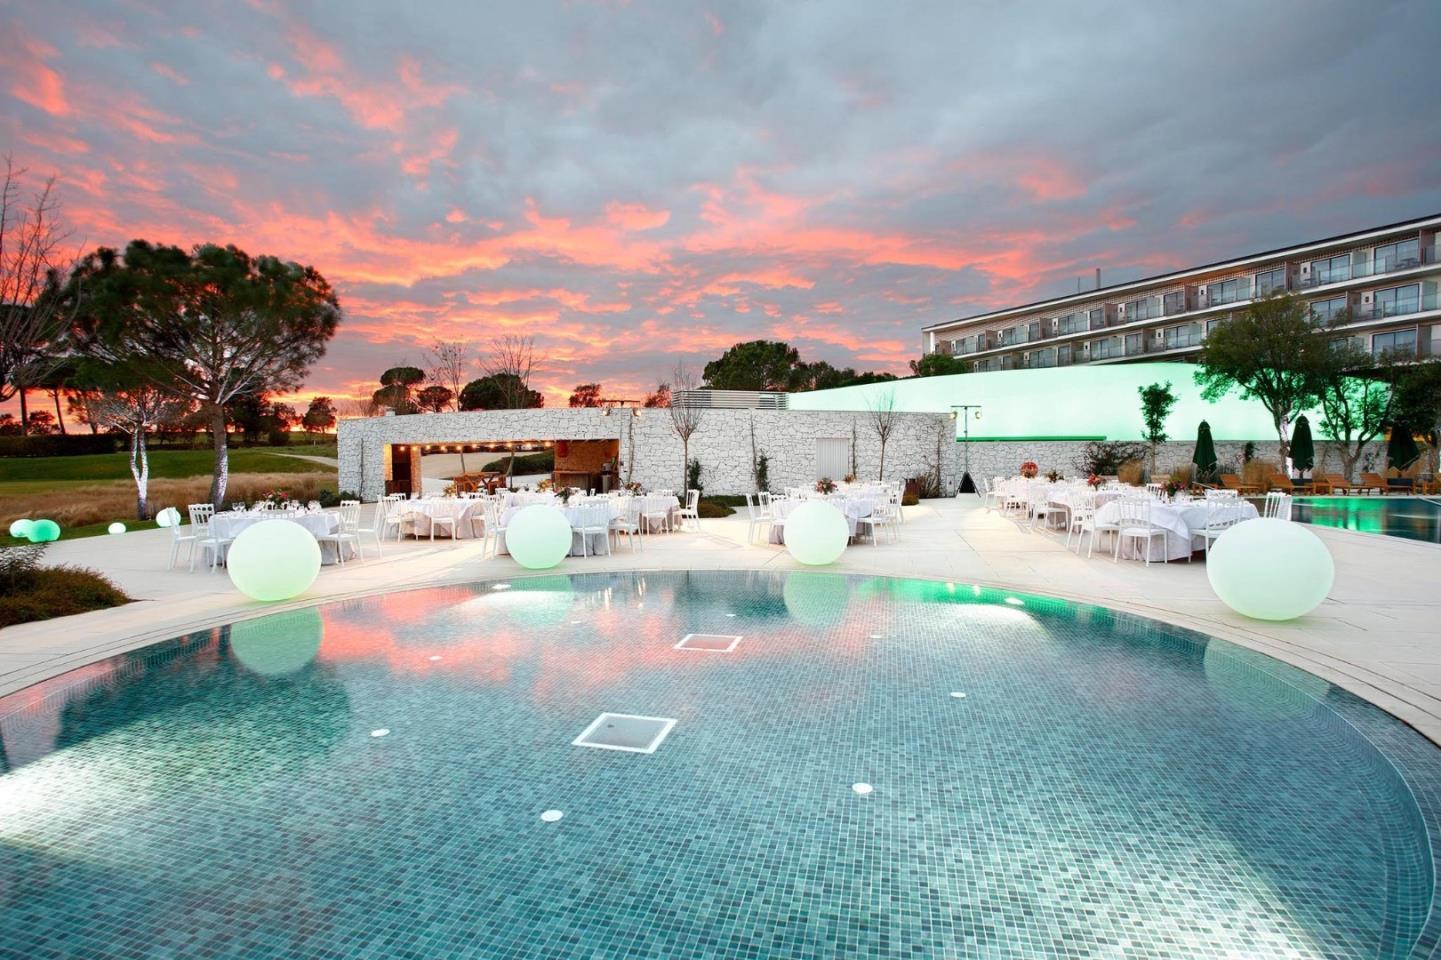 Hotel Camiral at PGA Catalunya Resort - 7 nights & 5 rounds